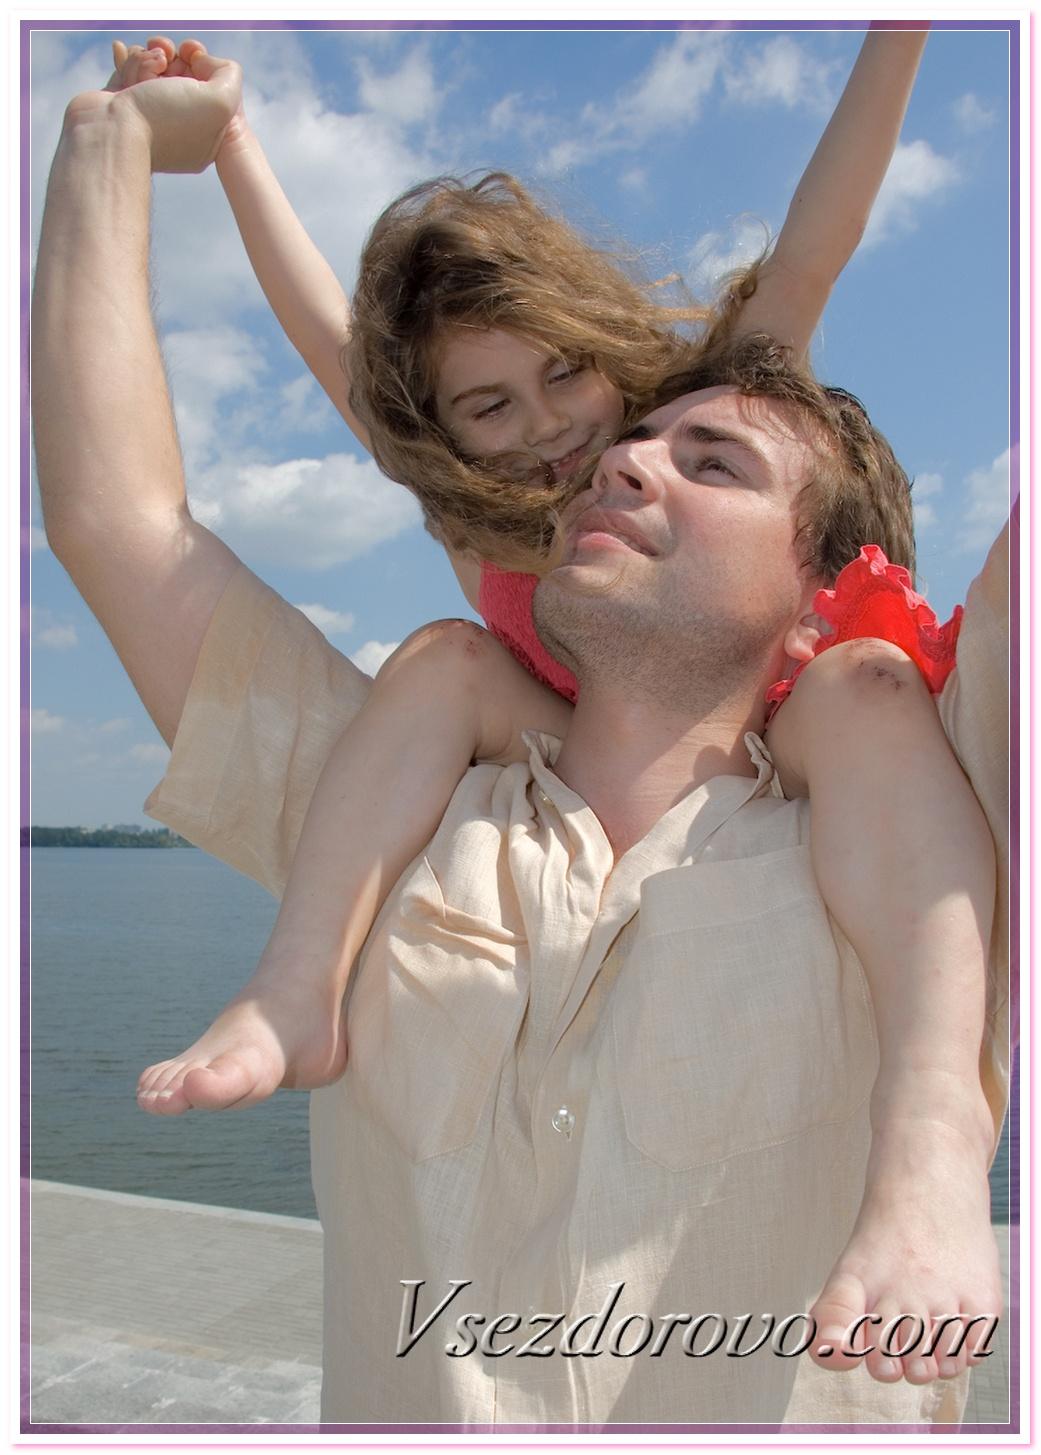 Пока дочка спит отец снял трусы и по-тихому трахнул ее подругу